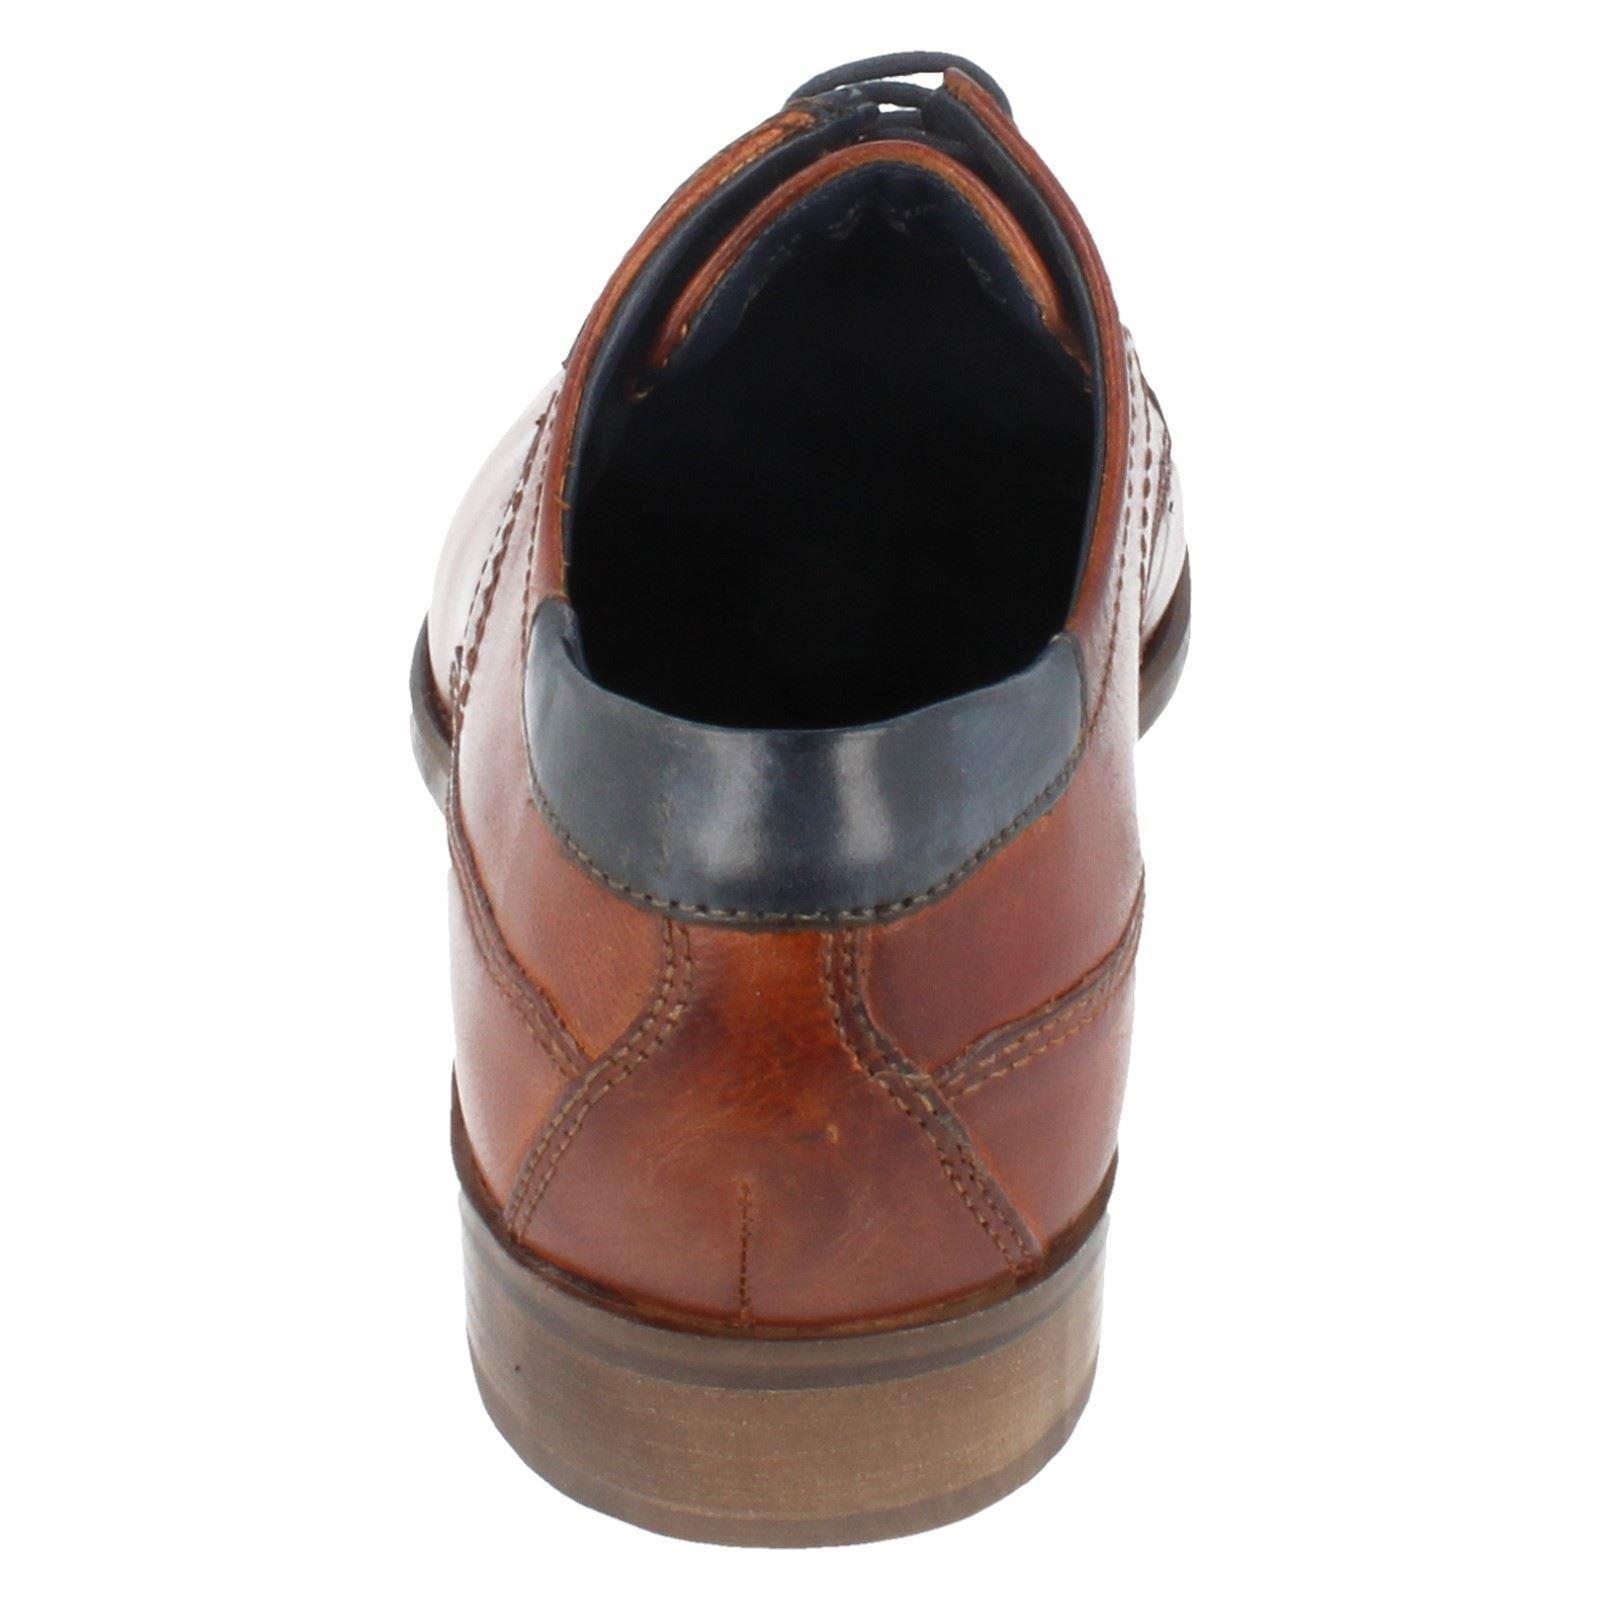 Schuhes Herren Bugatti Formal Schuhes  Label - 312-16302 ecfcc3